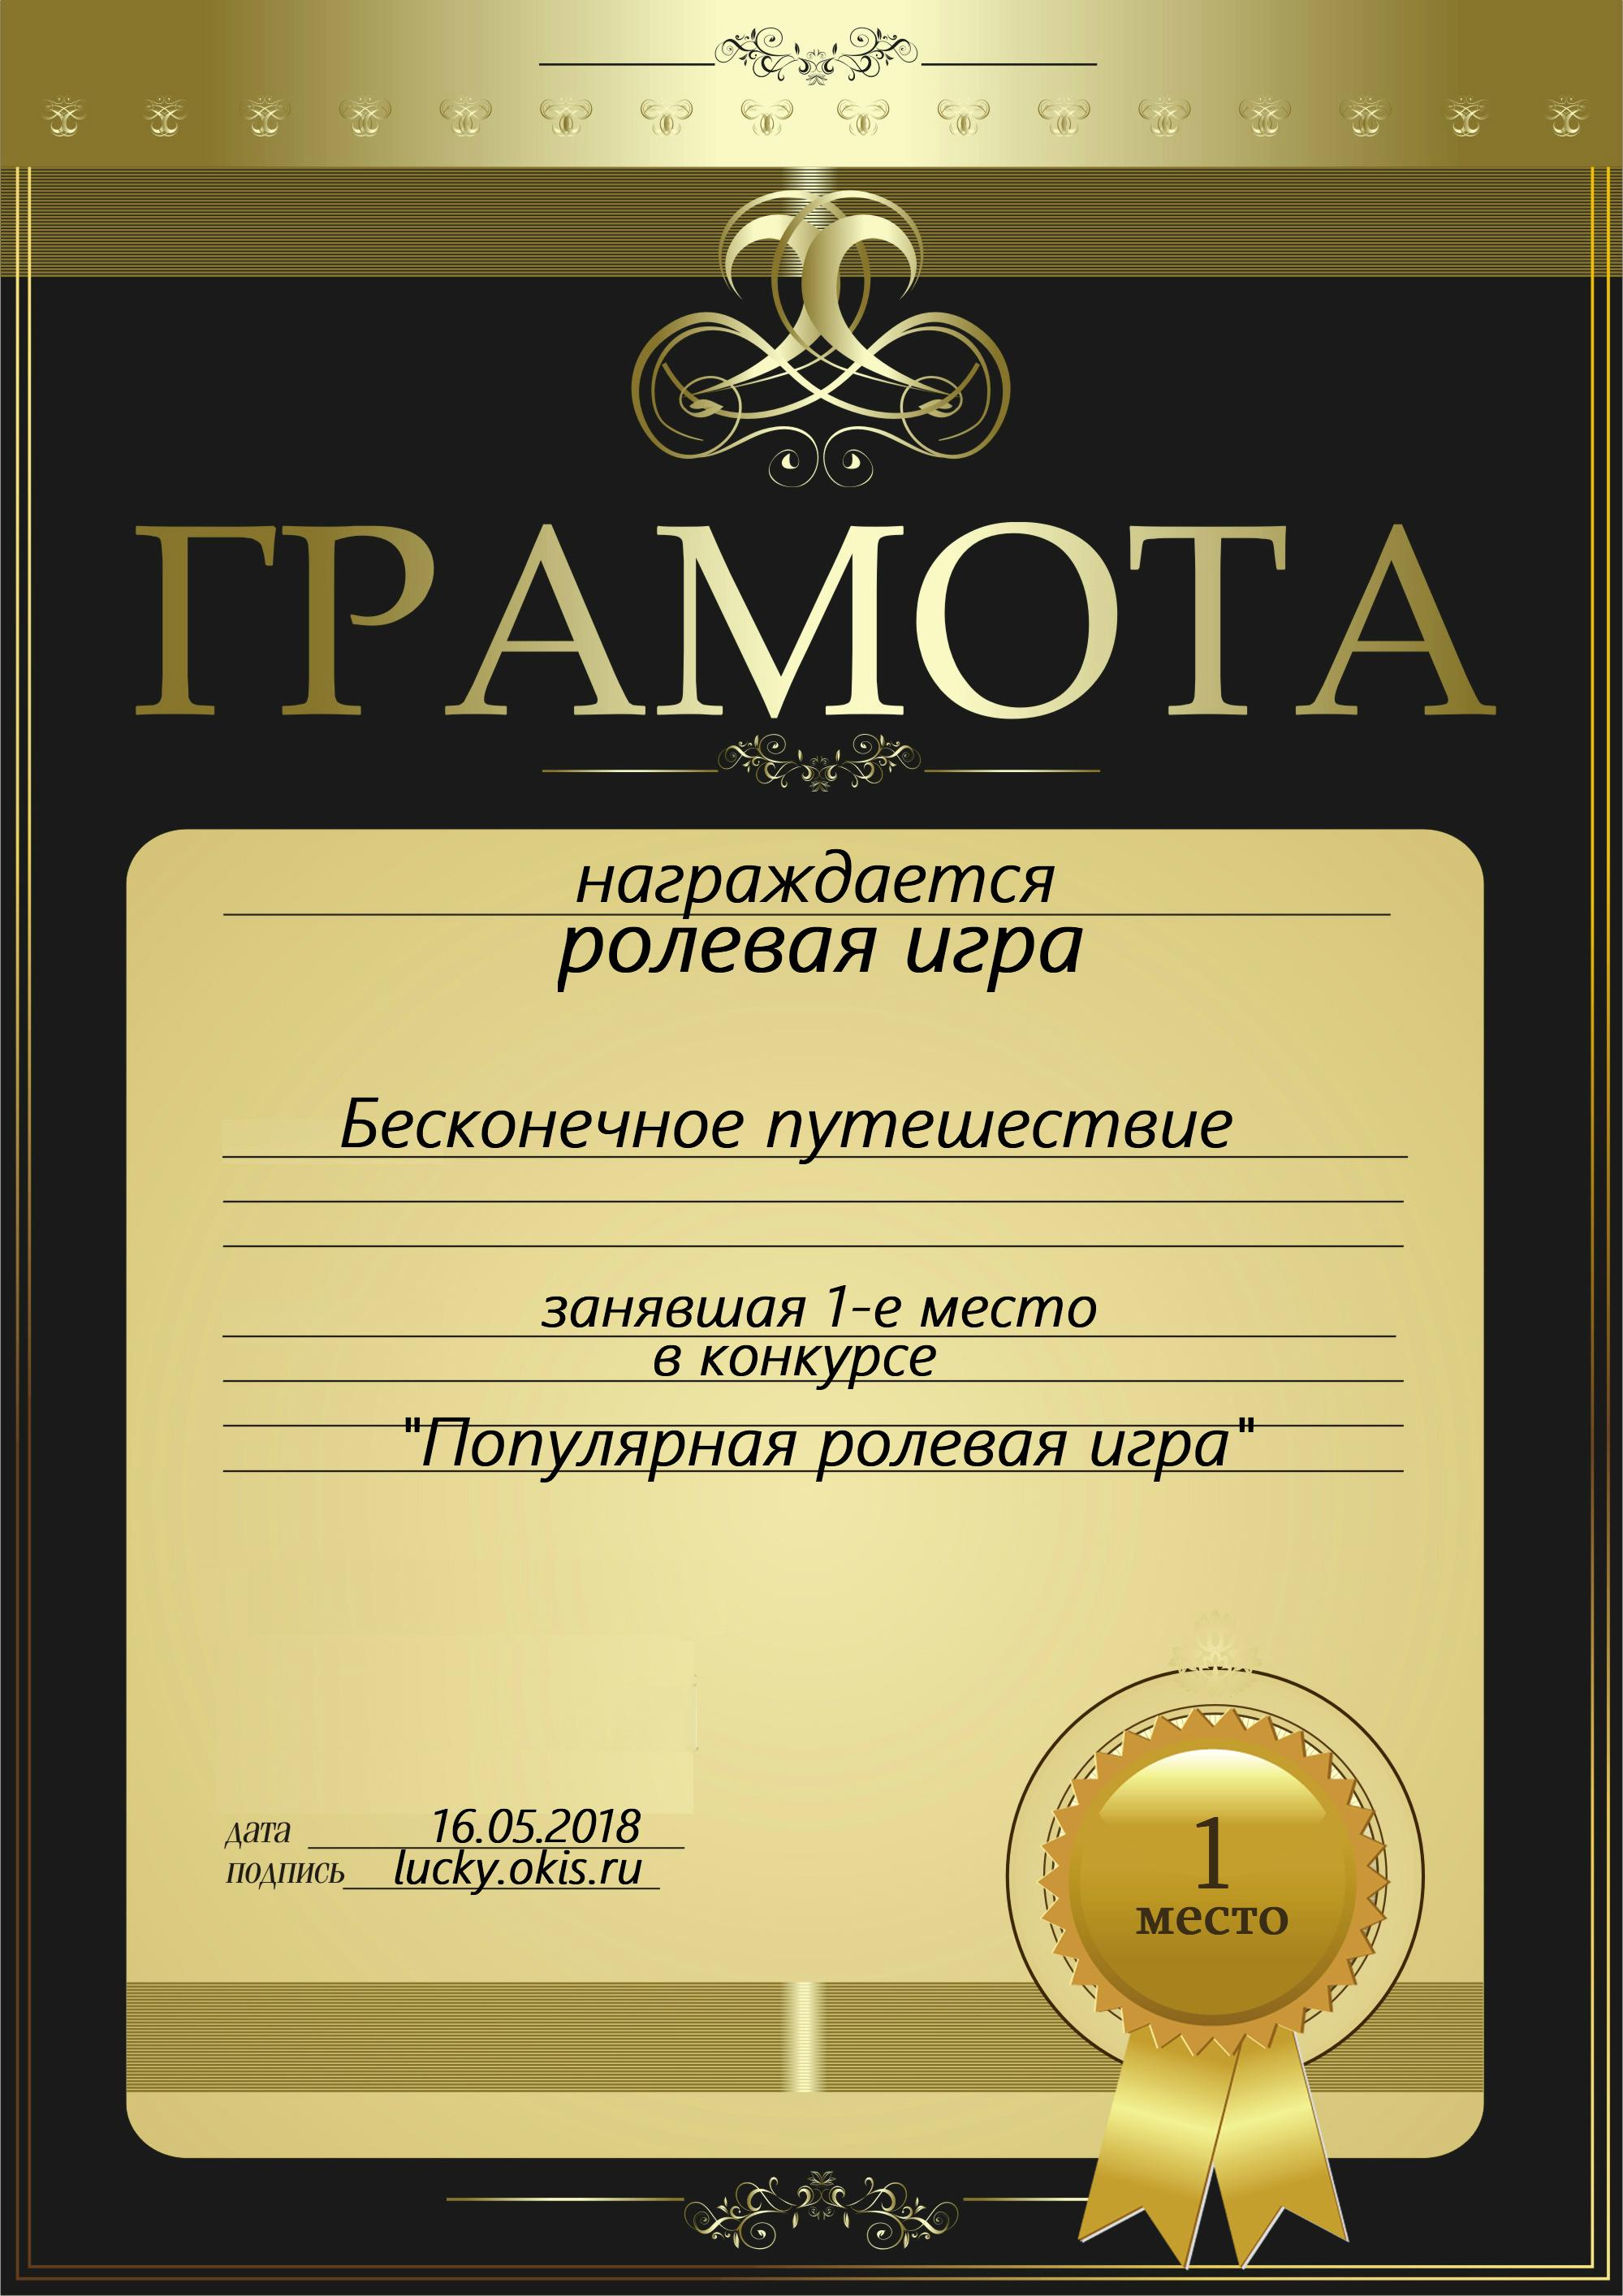 http://lucky.okis.ru/files/4/3/9/4393/G21ksh1mesto.jpg